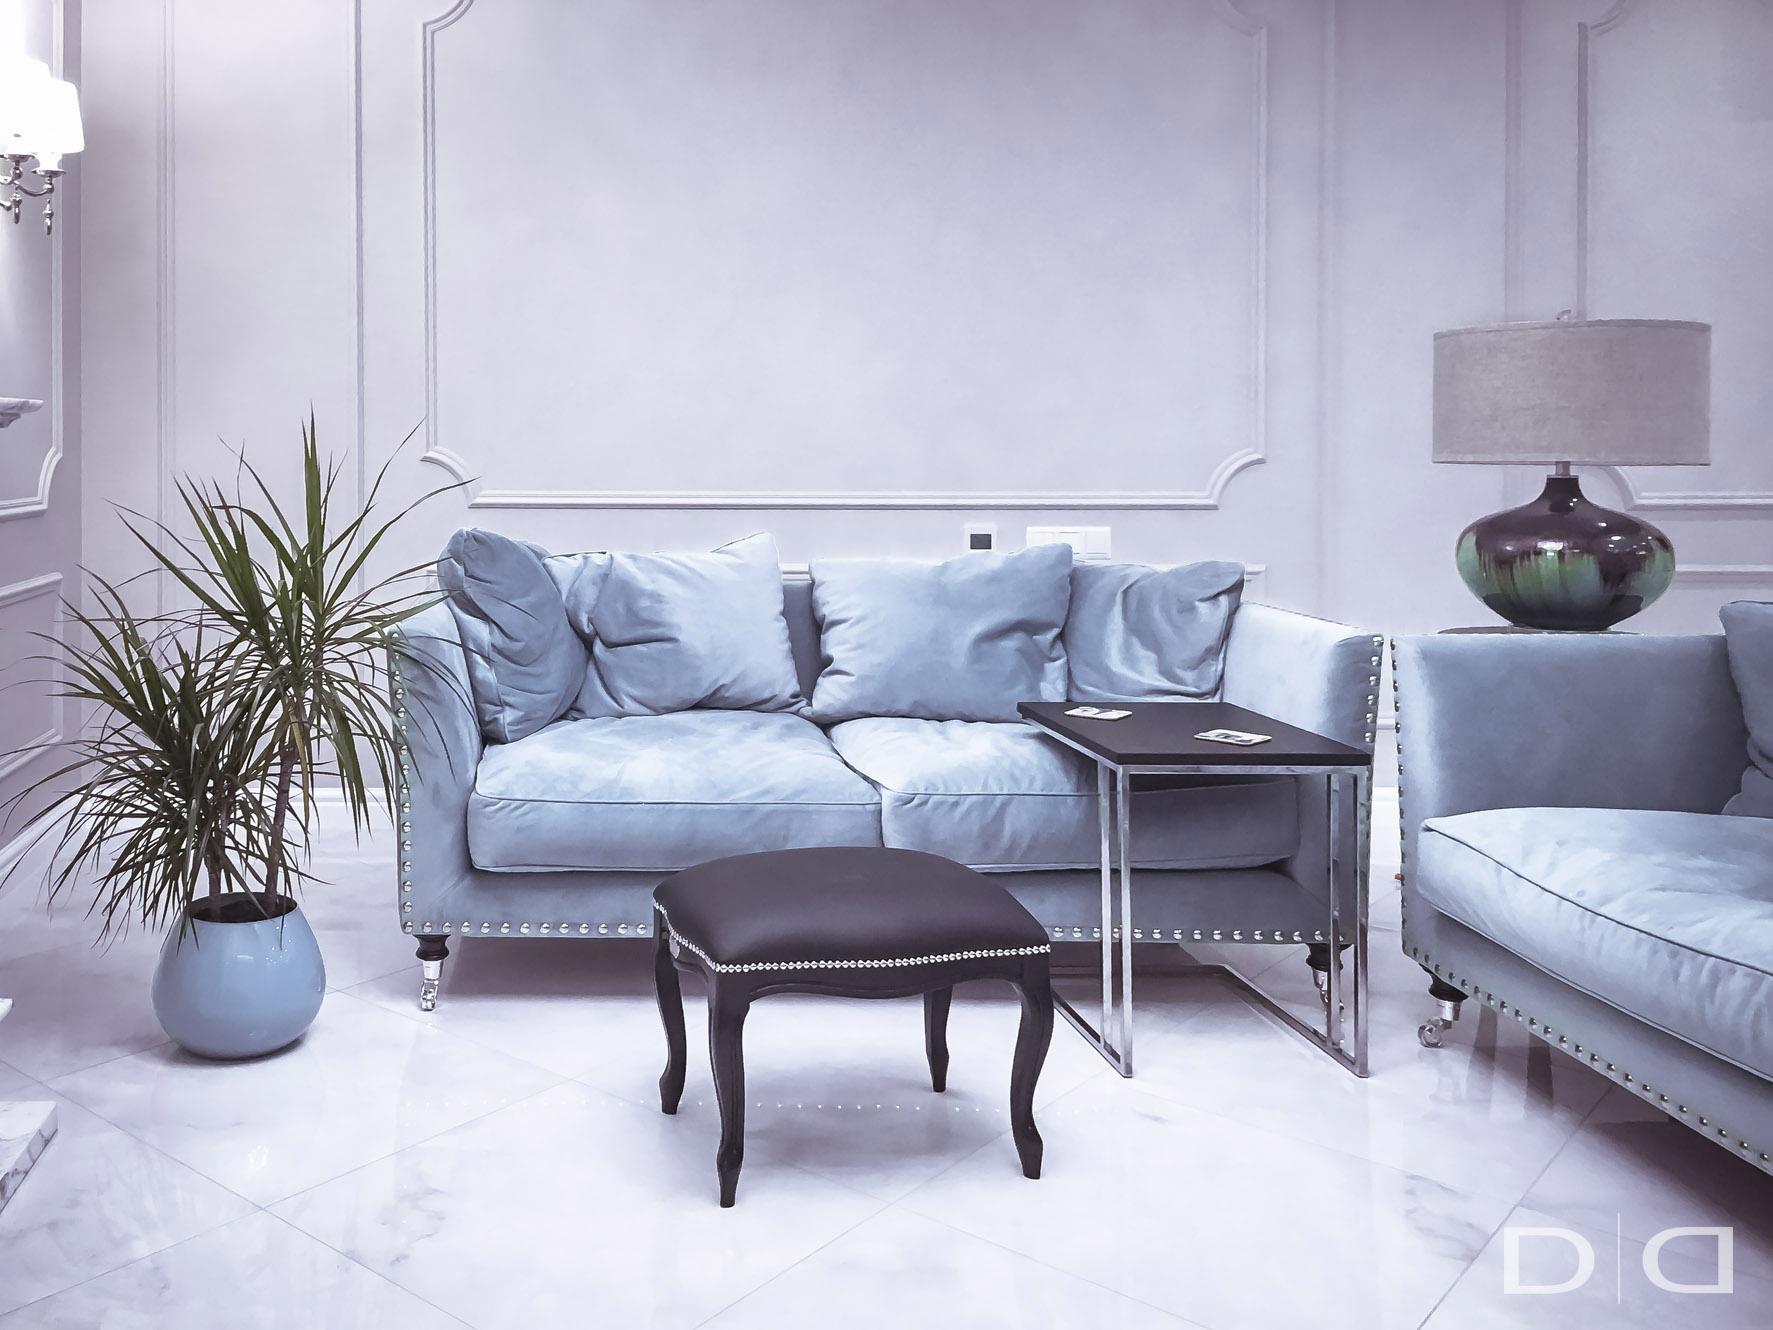 101_dd-interior_studio_design_project_minsk_009-18